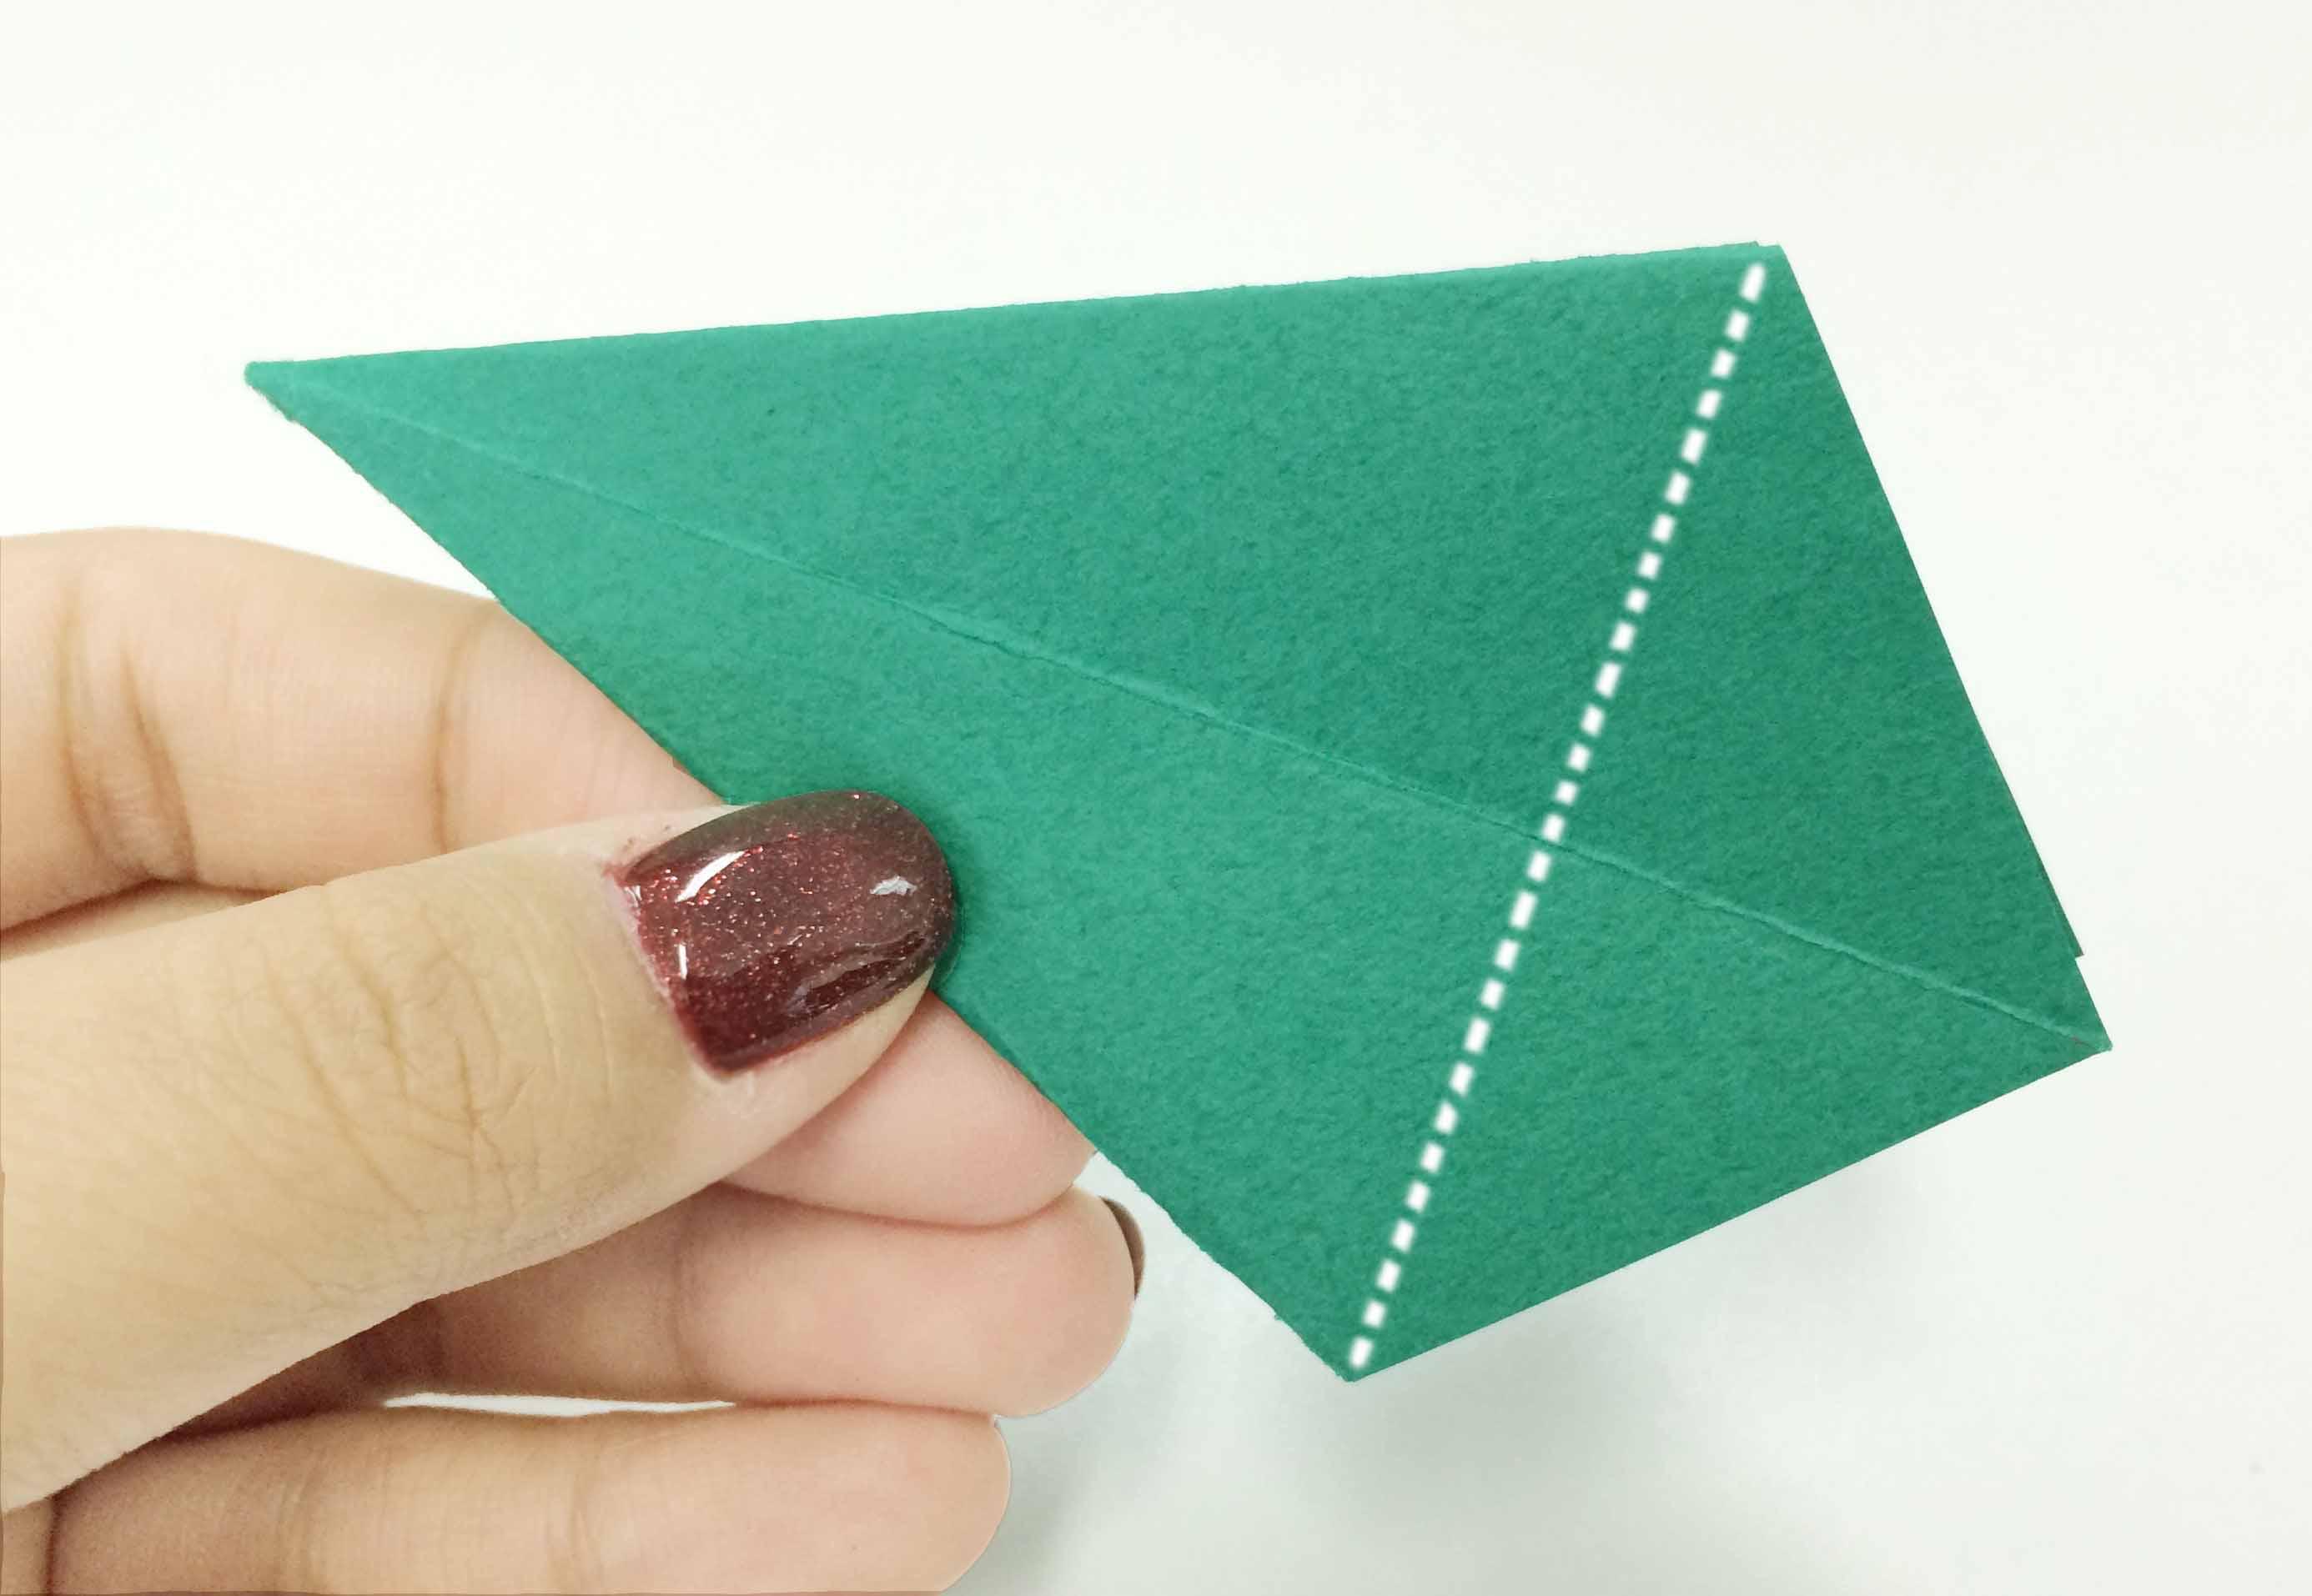 5. 把下邊小一點的三角向上疊起!